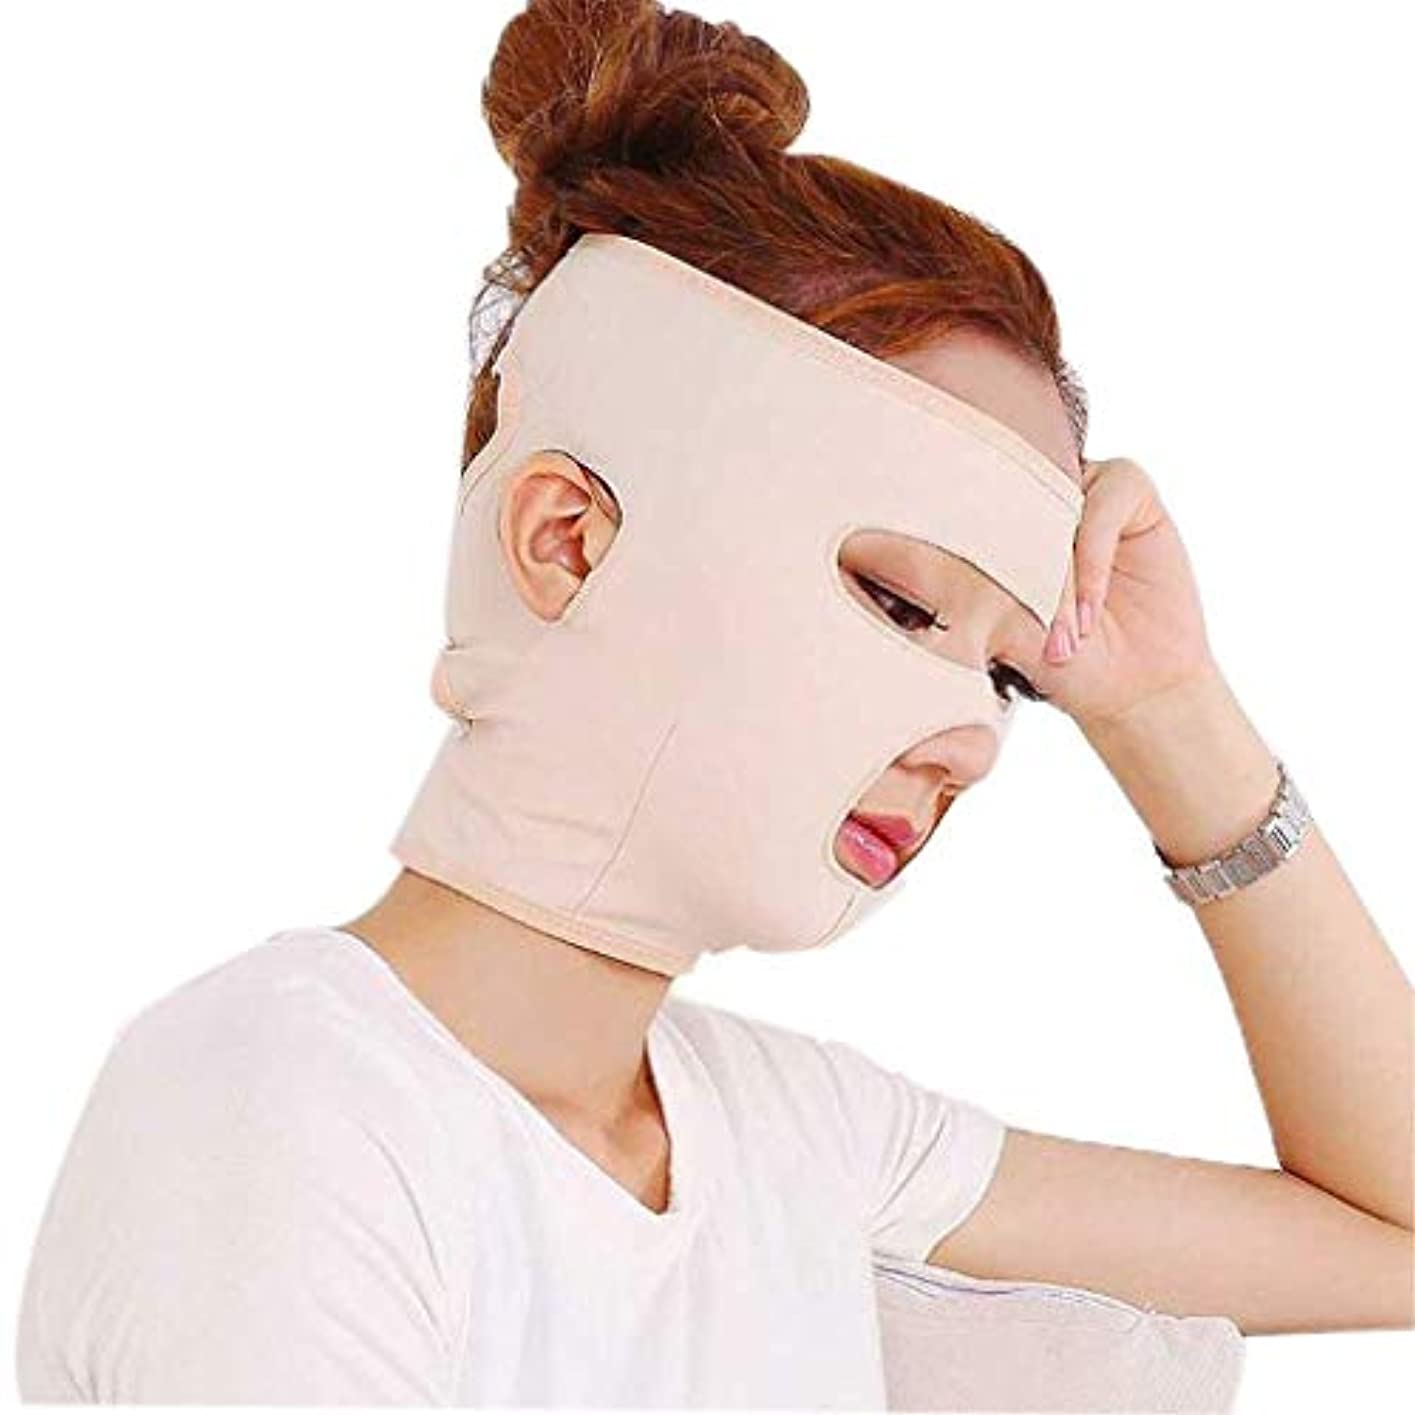 発疹メール決してフェイスリフティングマスク、フルフェイス通気性の術後回復包帯リフティング引き締め肌の減少により小さなVフェイスマスクを作成(サイズ:L)